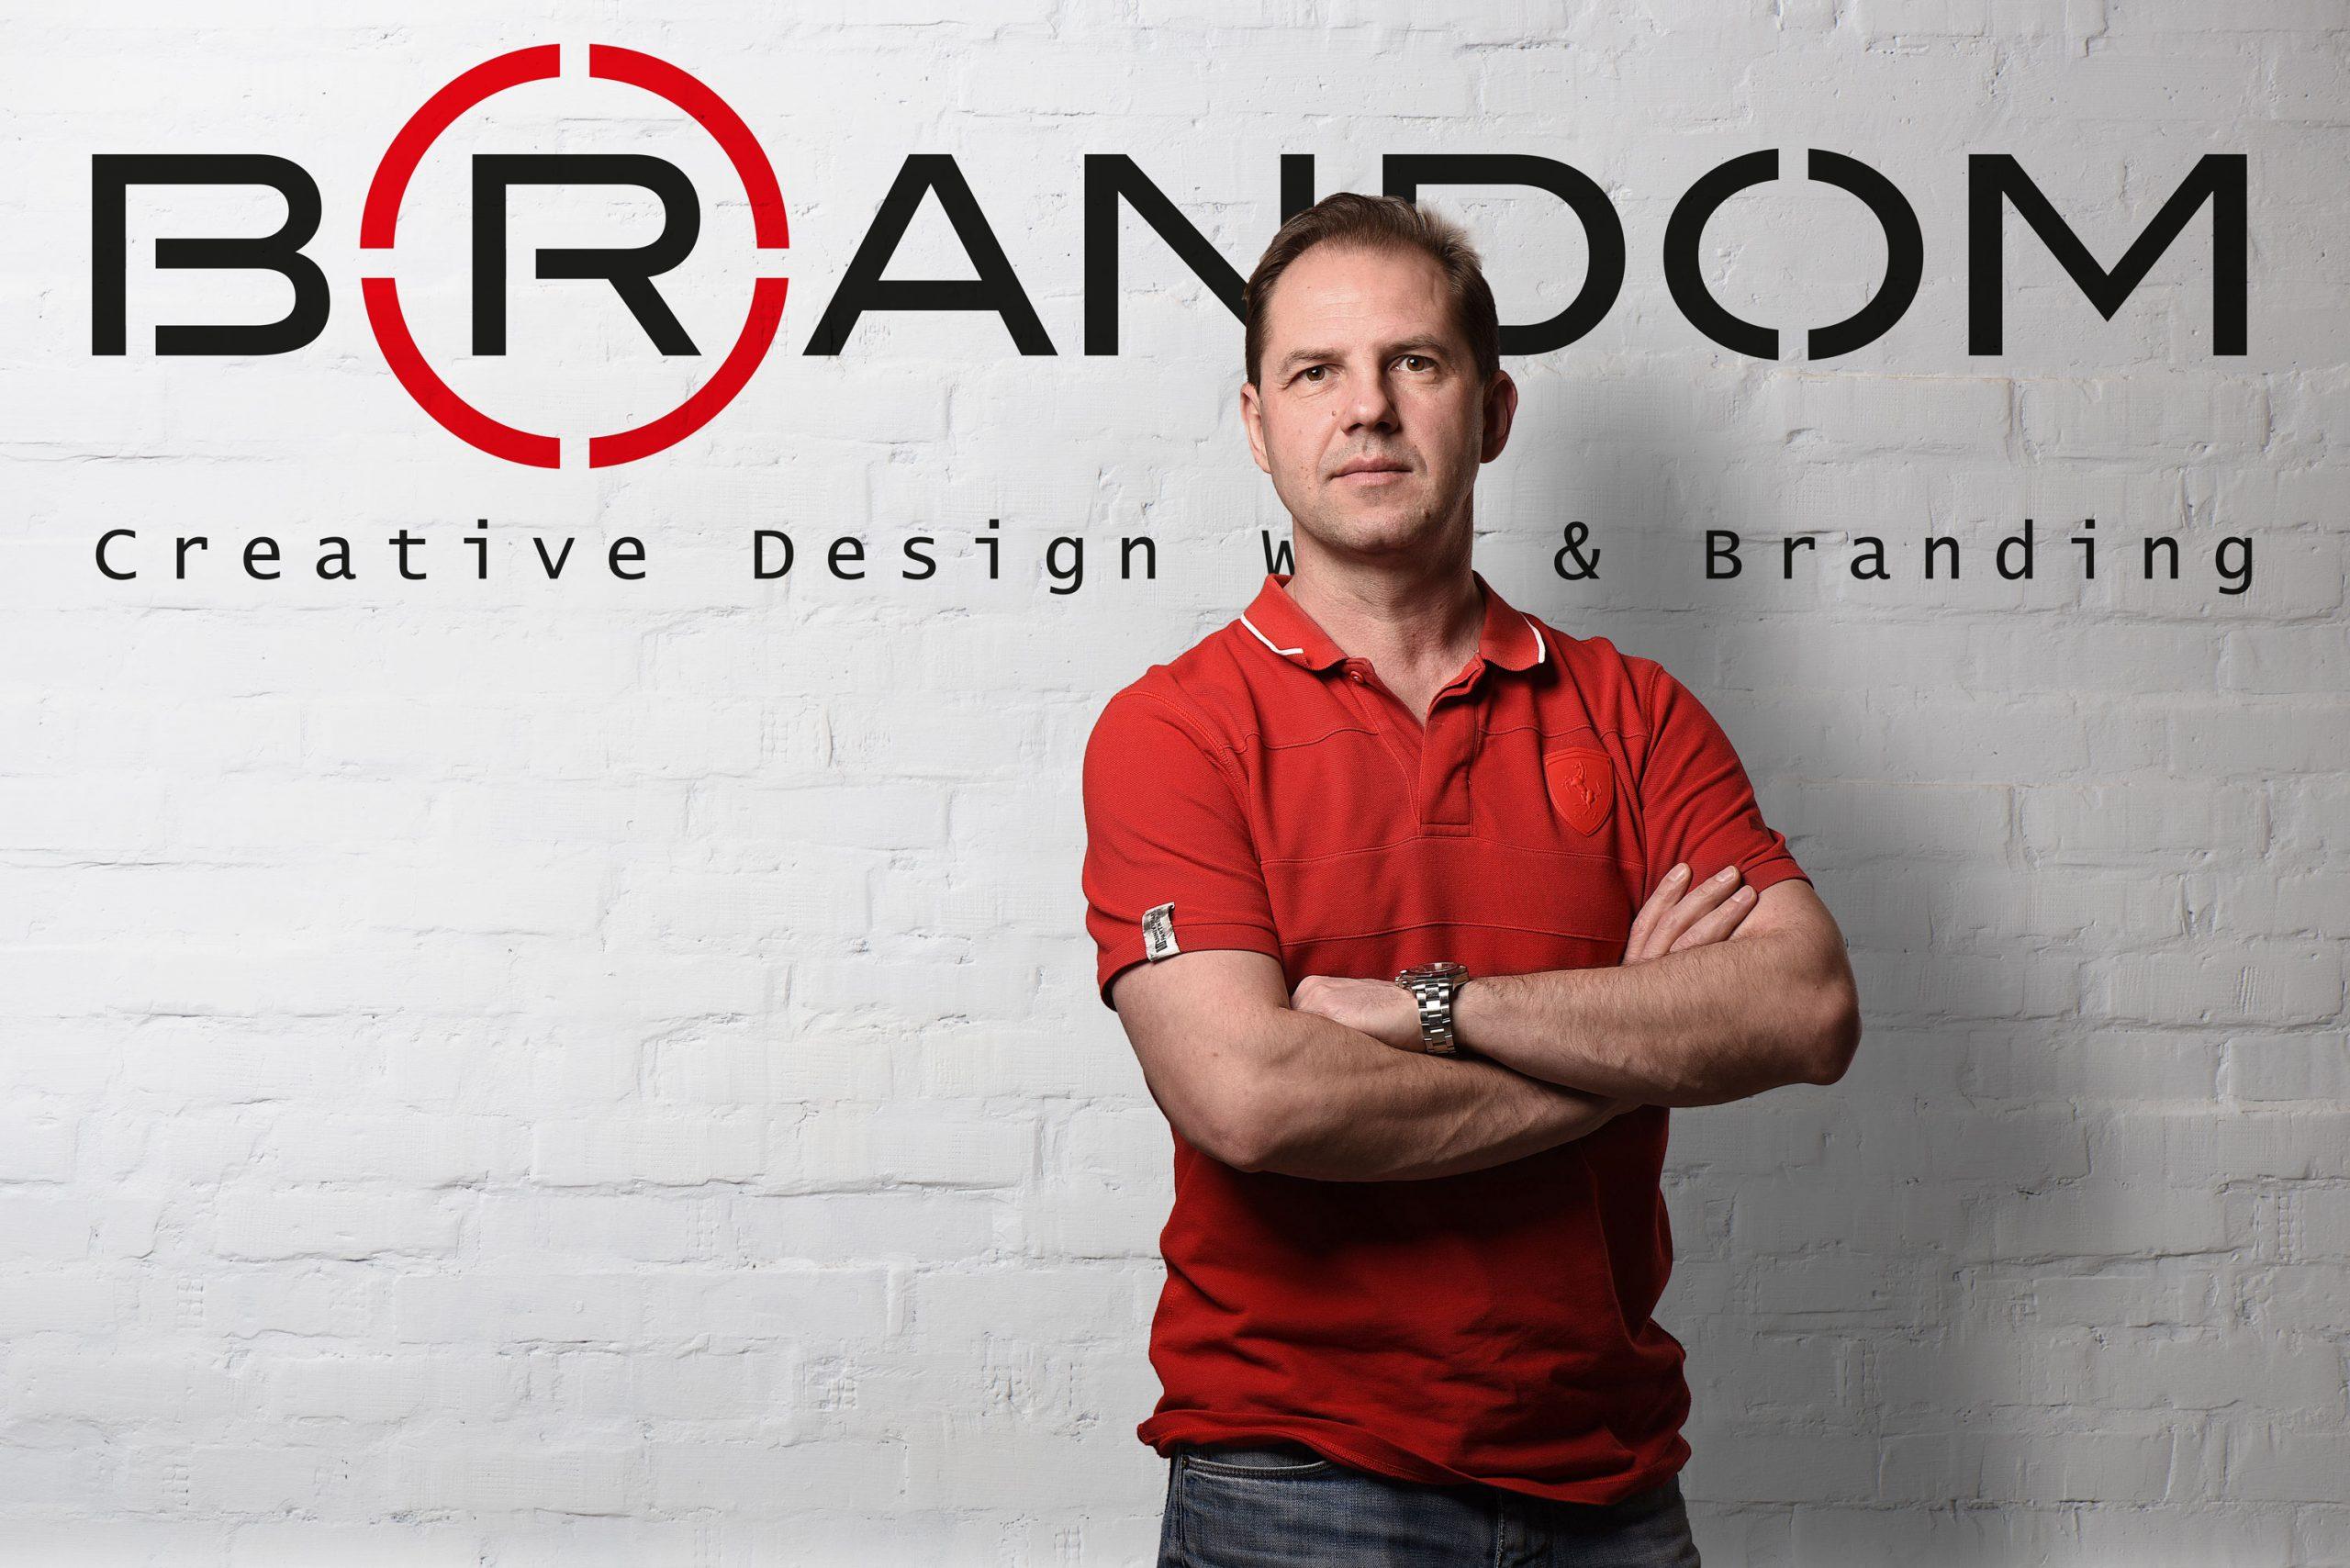 Меня зовут Алексей Смирнов, я креативный лидер, арт-директор. графический дизайнер и чуть-чуть копирайтер в одном лице. Alex Brandom – это мой творческий псевдоним, который помогает мне на все 100% погрузиться в рабочий процесс и отвечать своим именем за креативный результат. Внутри меня живет студия креатива, арт-дирекшена, веб-дизайна, и брендинга Brandom.   Все и сразу Со мной легко работать, так как я понимаю, что нужно для запуска рекламной кампании или создания нового бренда с нуля. Внимательно читаю бриф клиента и всегда ставлю себя на место потребителя, чтобы прочувствовать рекламируемый продукт или услугу. Четко соблюдаю срок сдачи и выполняю проект на самом высоком качественном уровне.   Работа без ошибок Оберегаю своих клиентов от типичных ошибок, которые допускаются при создании бренда или разработки дизайна. Готов делиться опытом своих ошибок, чтобы мои клиенты не наступали на те же грабли при создании и запуске рекламных кампаний.  Знание рекламного процесса Больше 20 лет я отработал арт-директором и креативным директором в топовых сетевых рекламных агентствах Лео Бернетт Москва, Cheil Russia, ББДО групп, Geometry Global с крупными международными брендами. Отлично знаю все тонкости рекламного процесса от создания креативной идеи, продакшен брифа, съемки видеоролика до разработки рекламных материалов для разных каналов коммуникации.  Точные креативные решения Клиенты ценят меня за то, что я включаю мозг, нахожу точные и правильные креативные решения, укрепляющие имидж бренда и ведущие к увеличению продаж. Владелец бизнеса лучше всех знает свой продукт и чувствует, что ему нужно, но не всегда может это донести до менеджера или дизайнера. Моя задача понять, что нужно бренду и предложить идею, работающую на этот бренд.  Четкий дедлайн Со мной Вы будете уверены в качестве дизайна рекламных материалов и получите нужный результат в срок. Всегда предлагаю составить план действий, согласовать его и точно ему следовать. Мои клиенты всегда знают, что они получат 